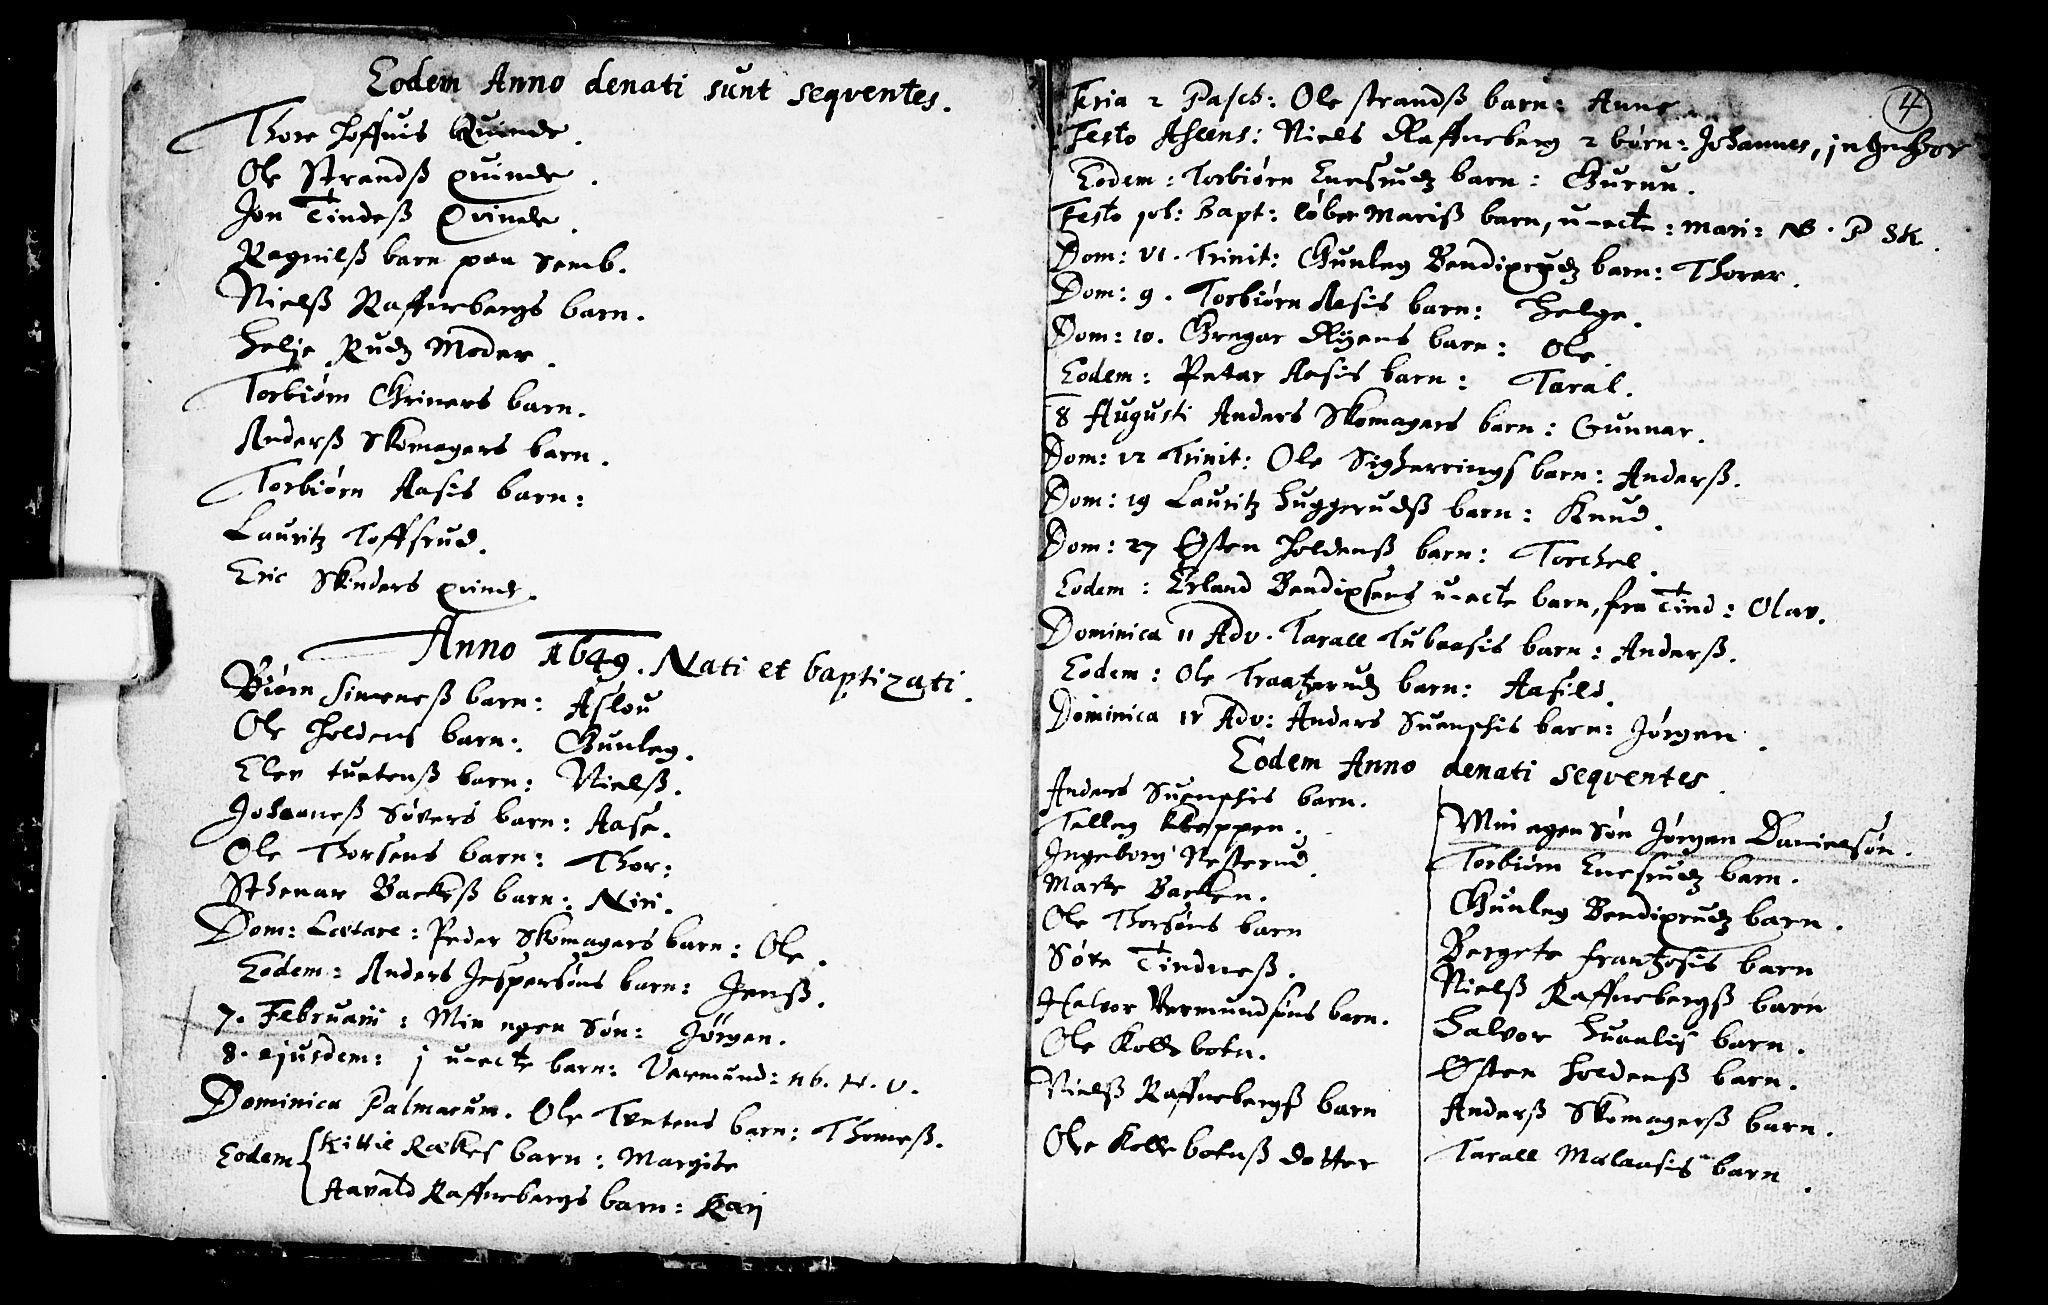 SAKO, Heddal kirkebøker, F/Fa/L0001: Ministerialbok nr. I 1, 1648-1699, s. 4